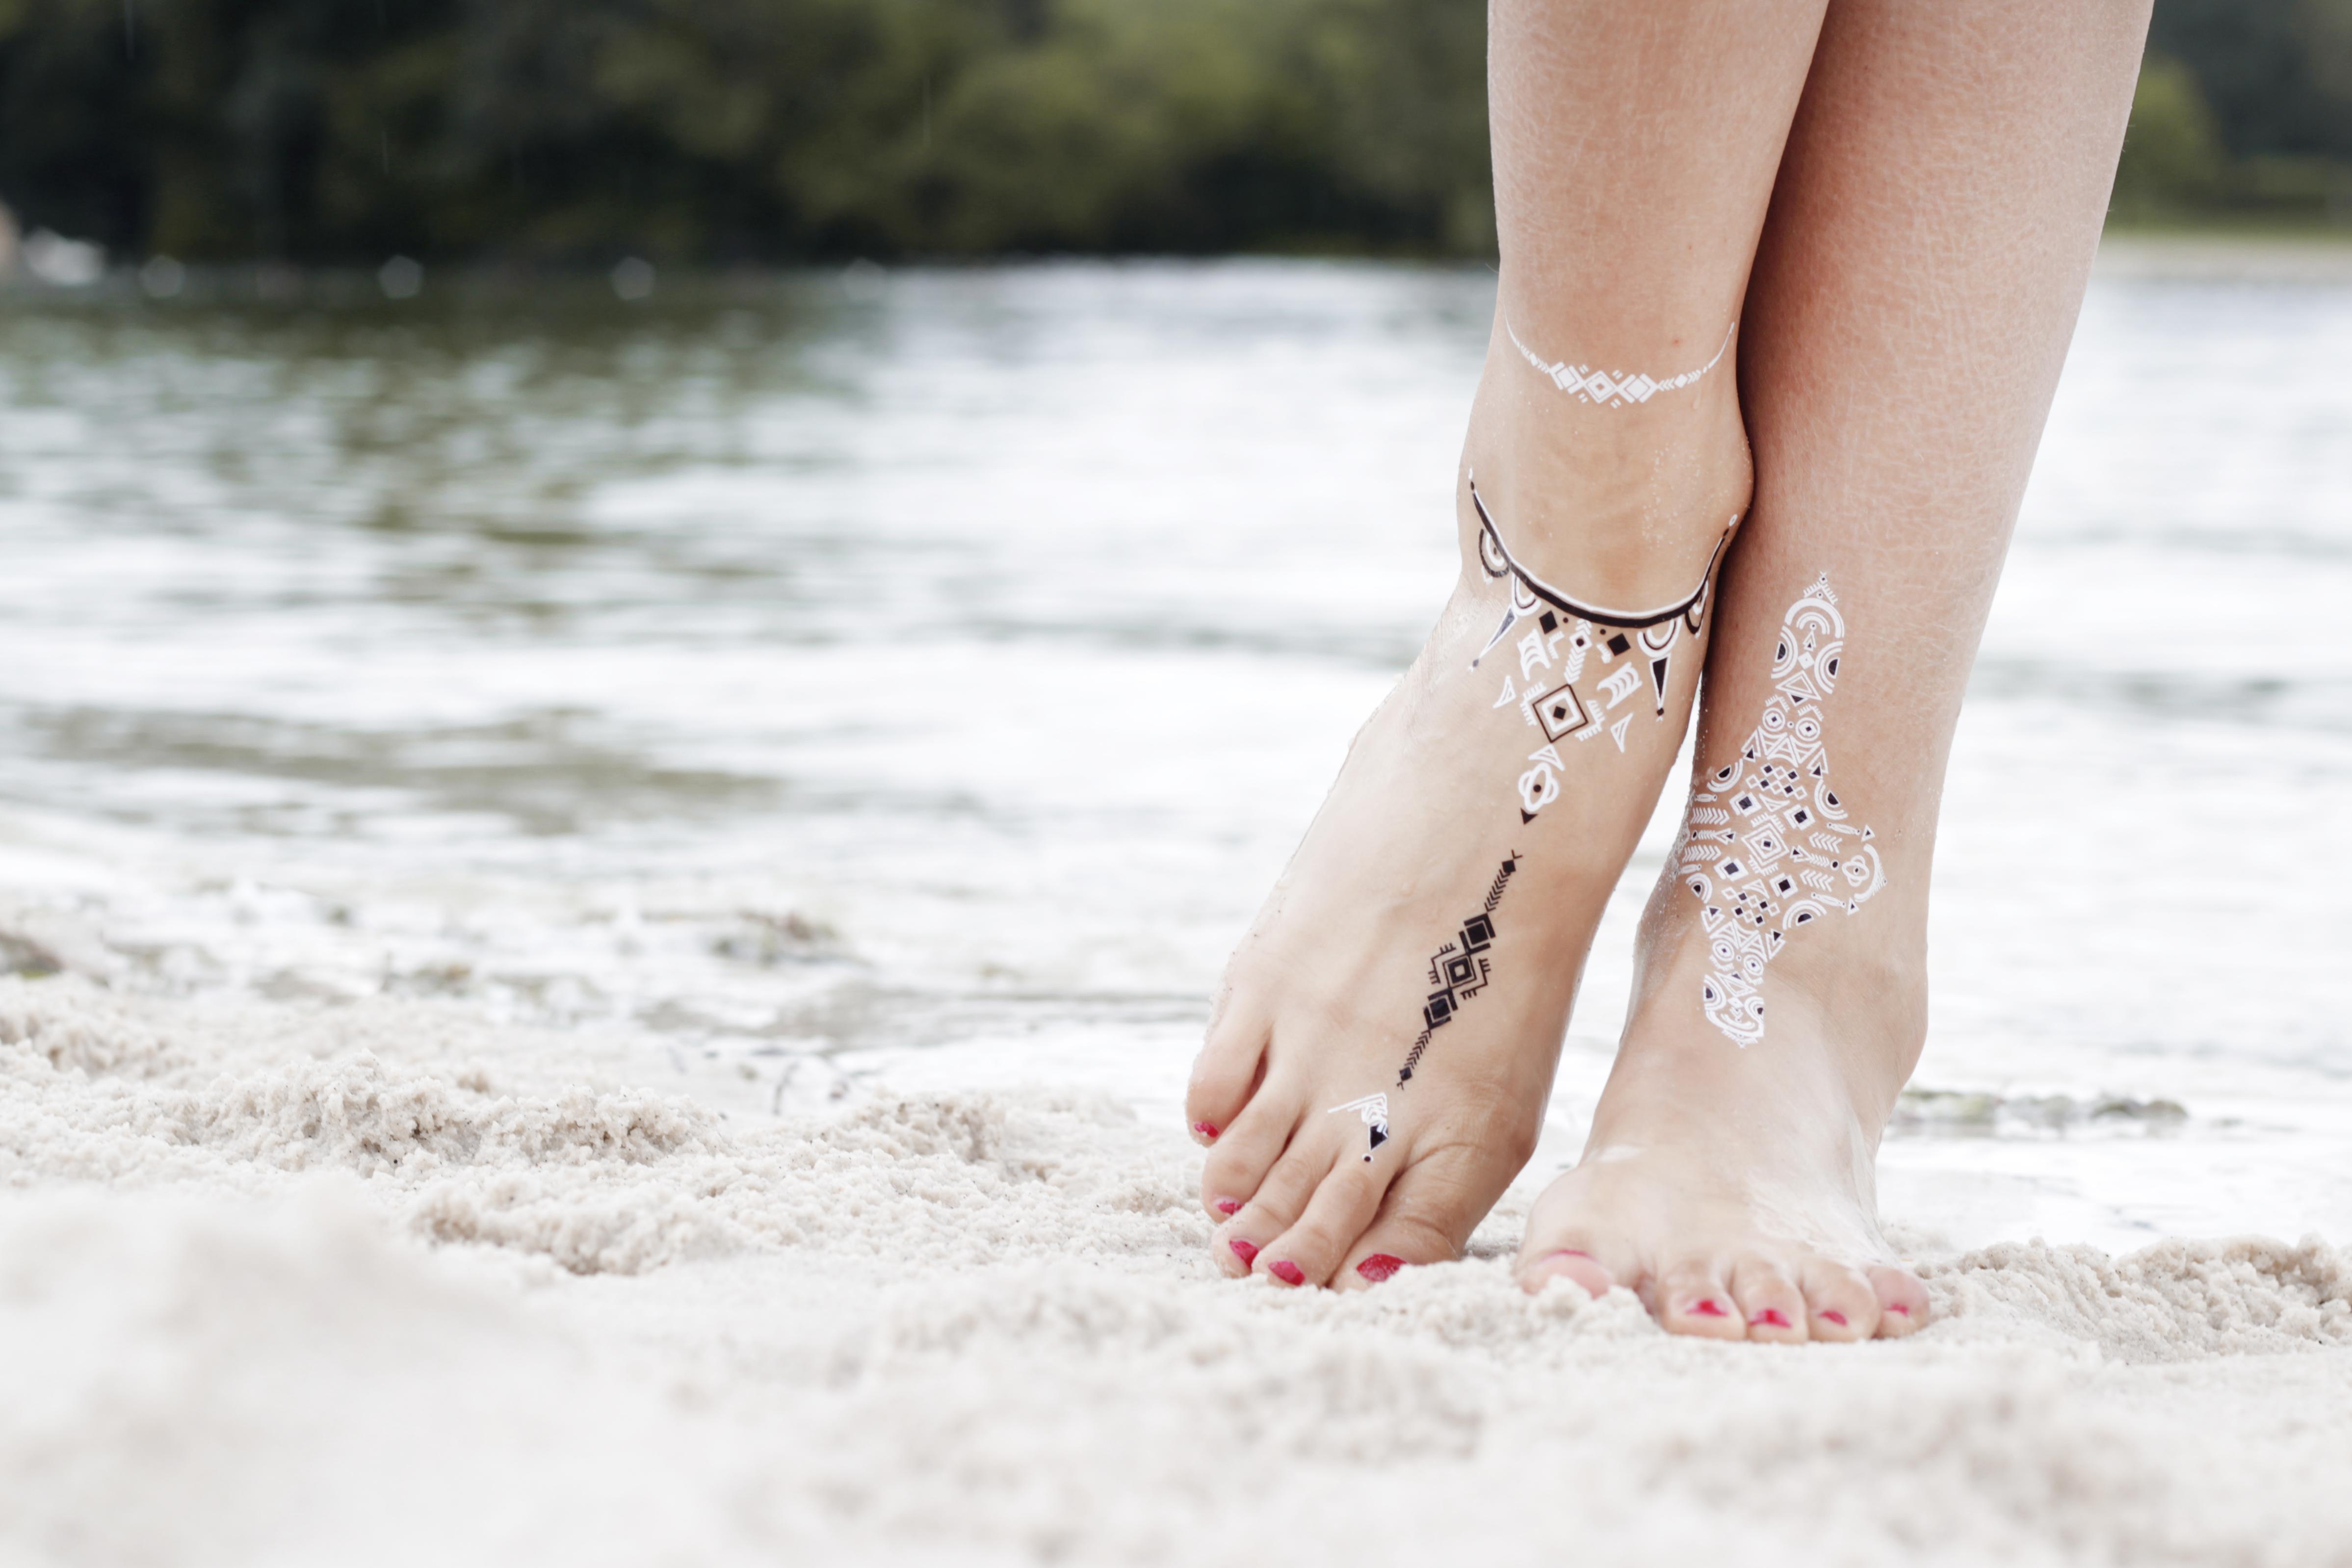 Craquez pour des tatouages temporaires blancs et noirs pour sublimer vos pieds